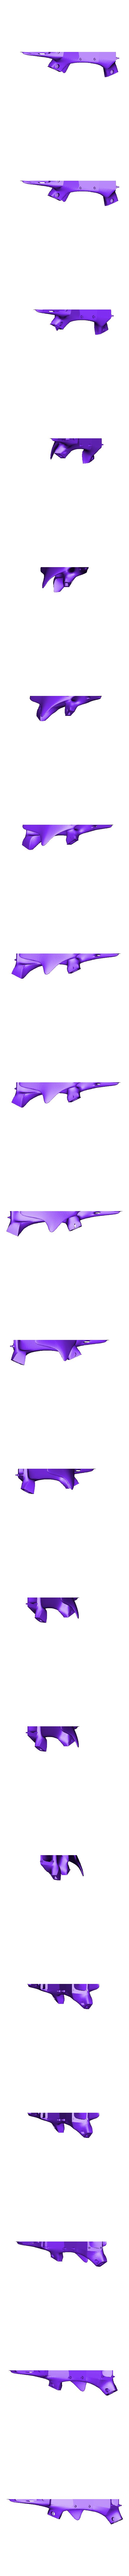 Dragon_MrkI_body.stl Télécharger fichier STL gratuit Superbes cadres quadruples à l'allure géniale • Plan pour impression 3D, Fastidious_Rex